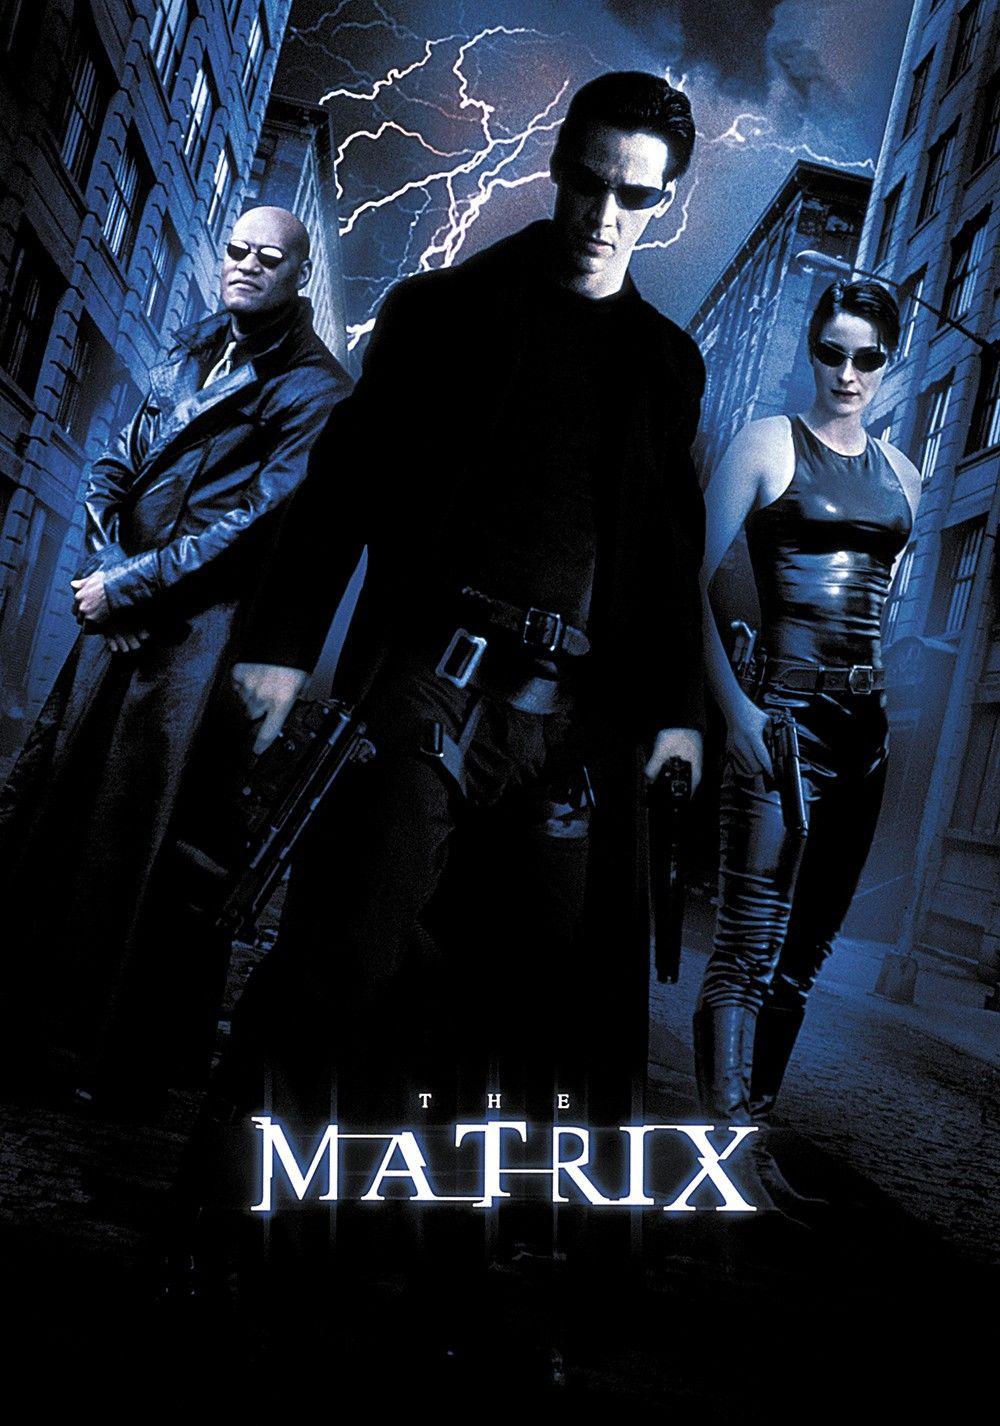 The Matrix 1999 Hq Backgrounds Hd Wallpapers Gallery Gallsource Com The Matrix Movie Matrix Film Matrix